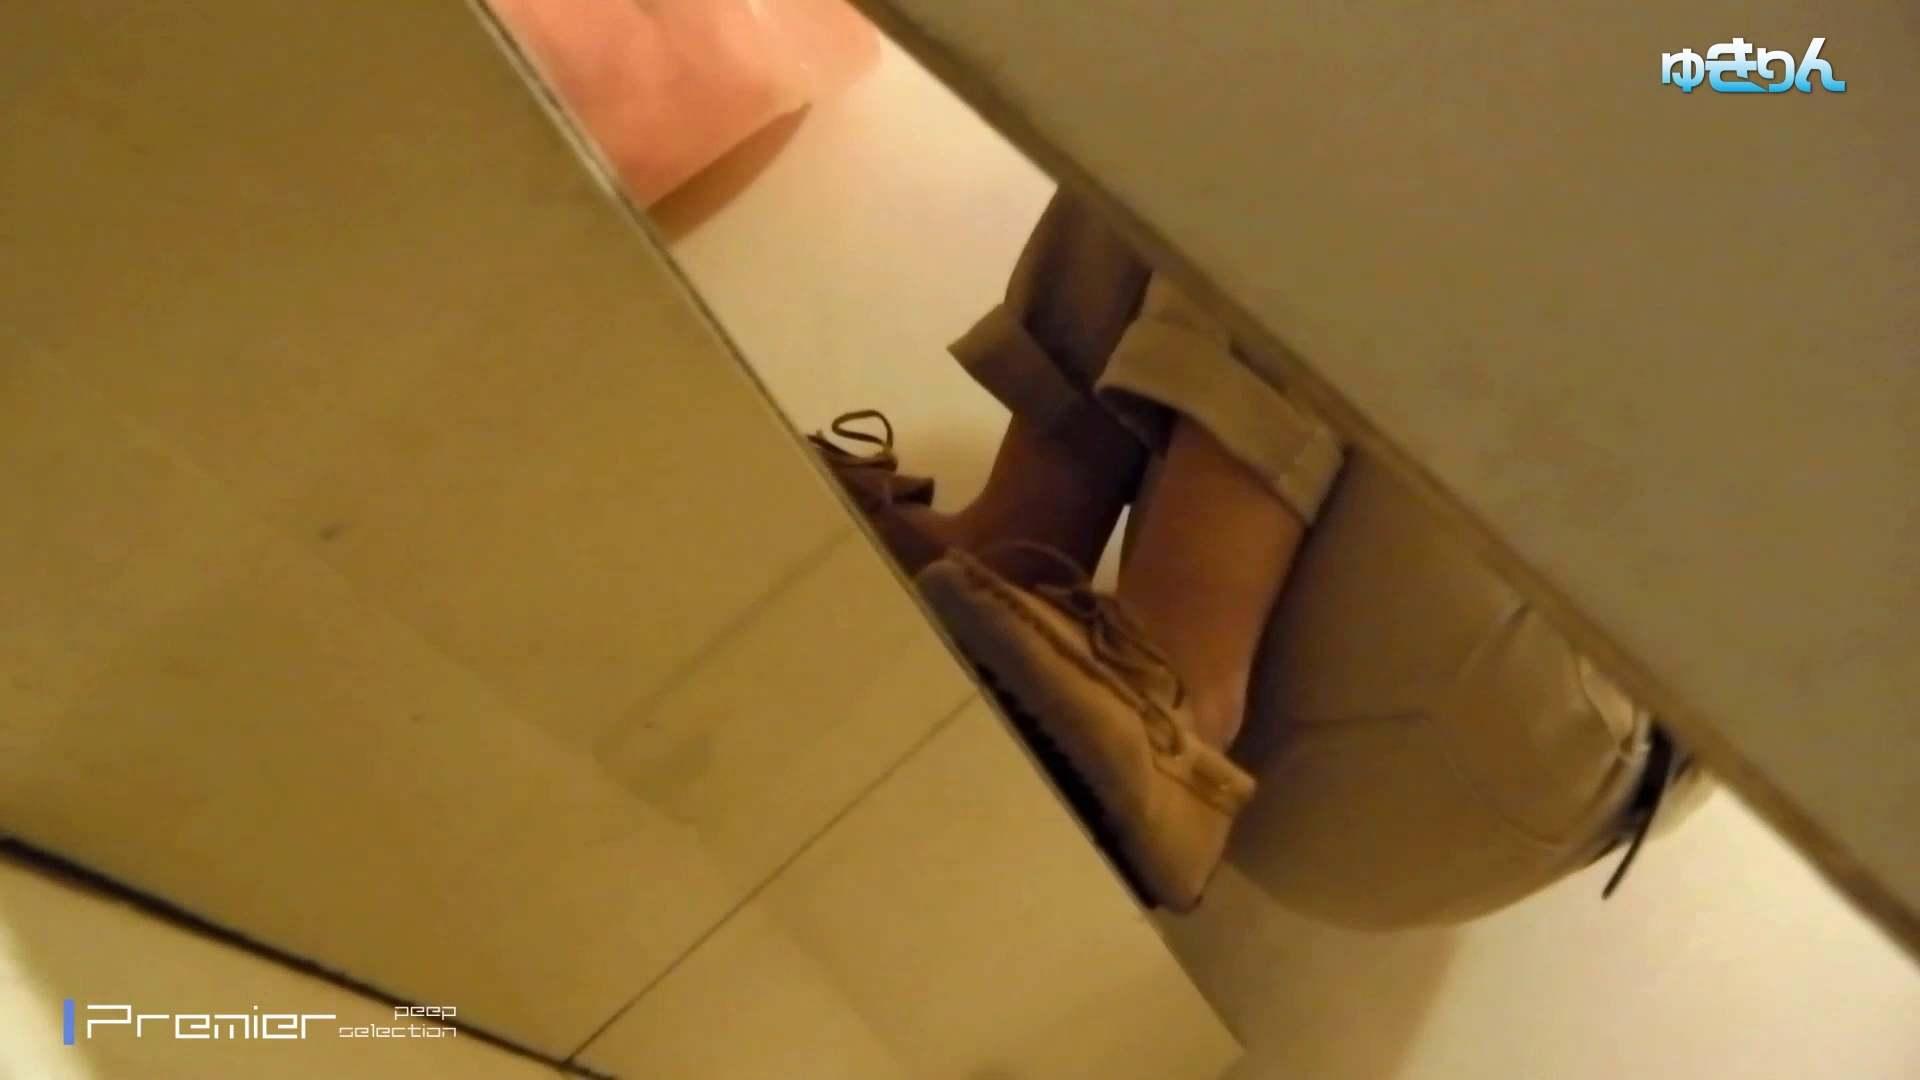 新世界の射窓 No89 あの有名のショーに出ているモデルが偶然に利用するという 洗面所 | 0  113画像 7